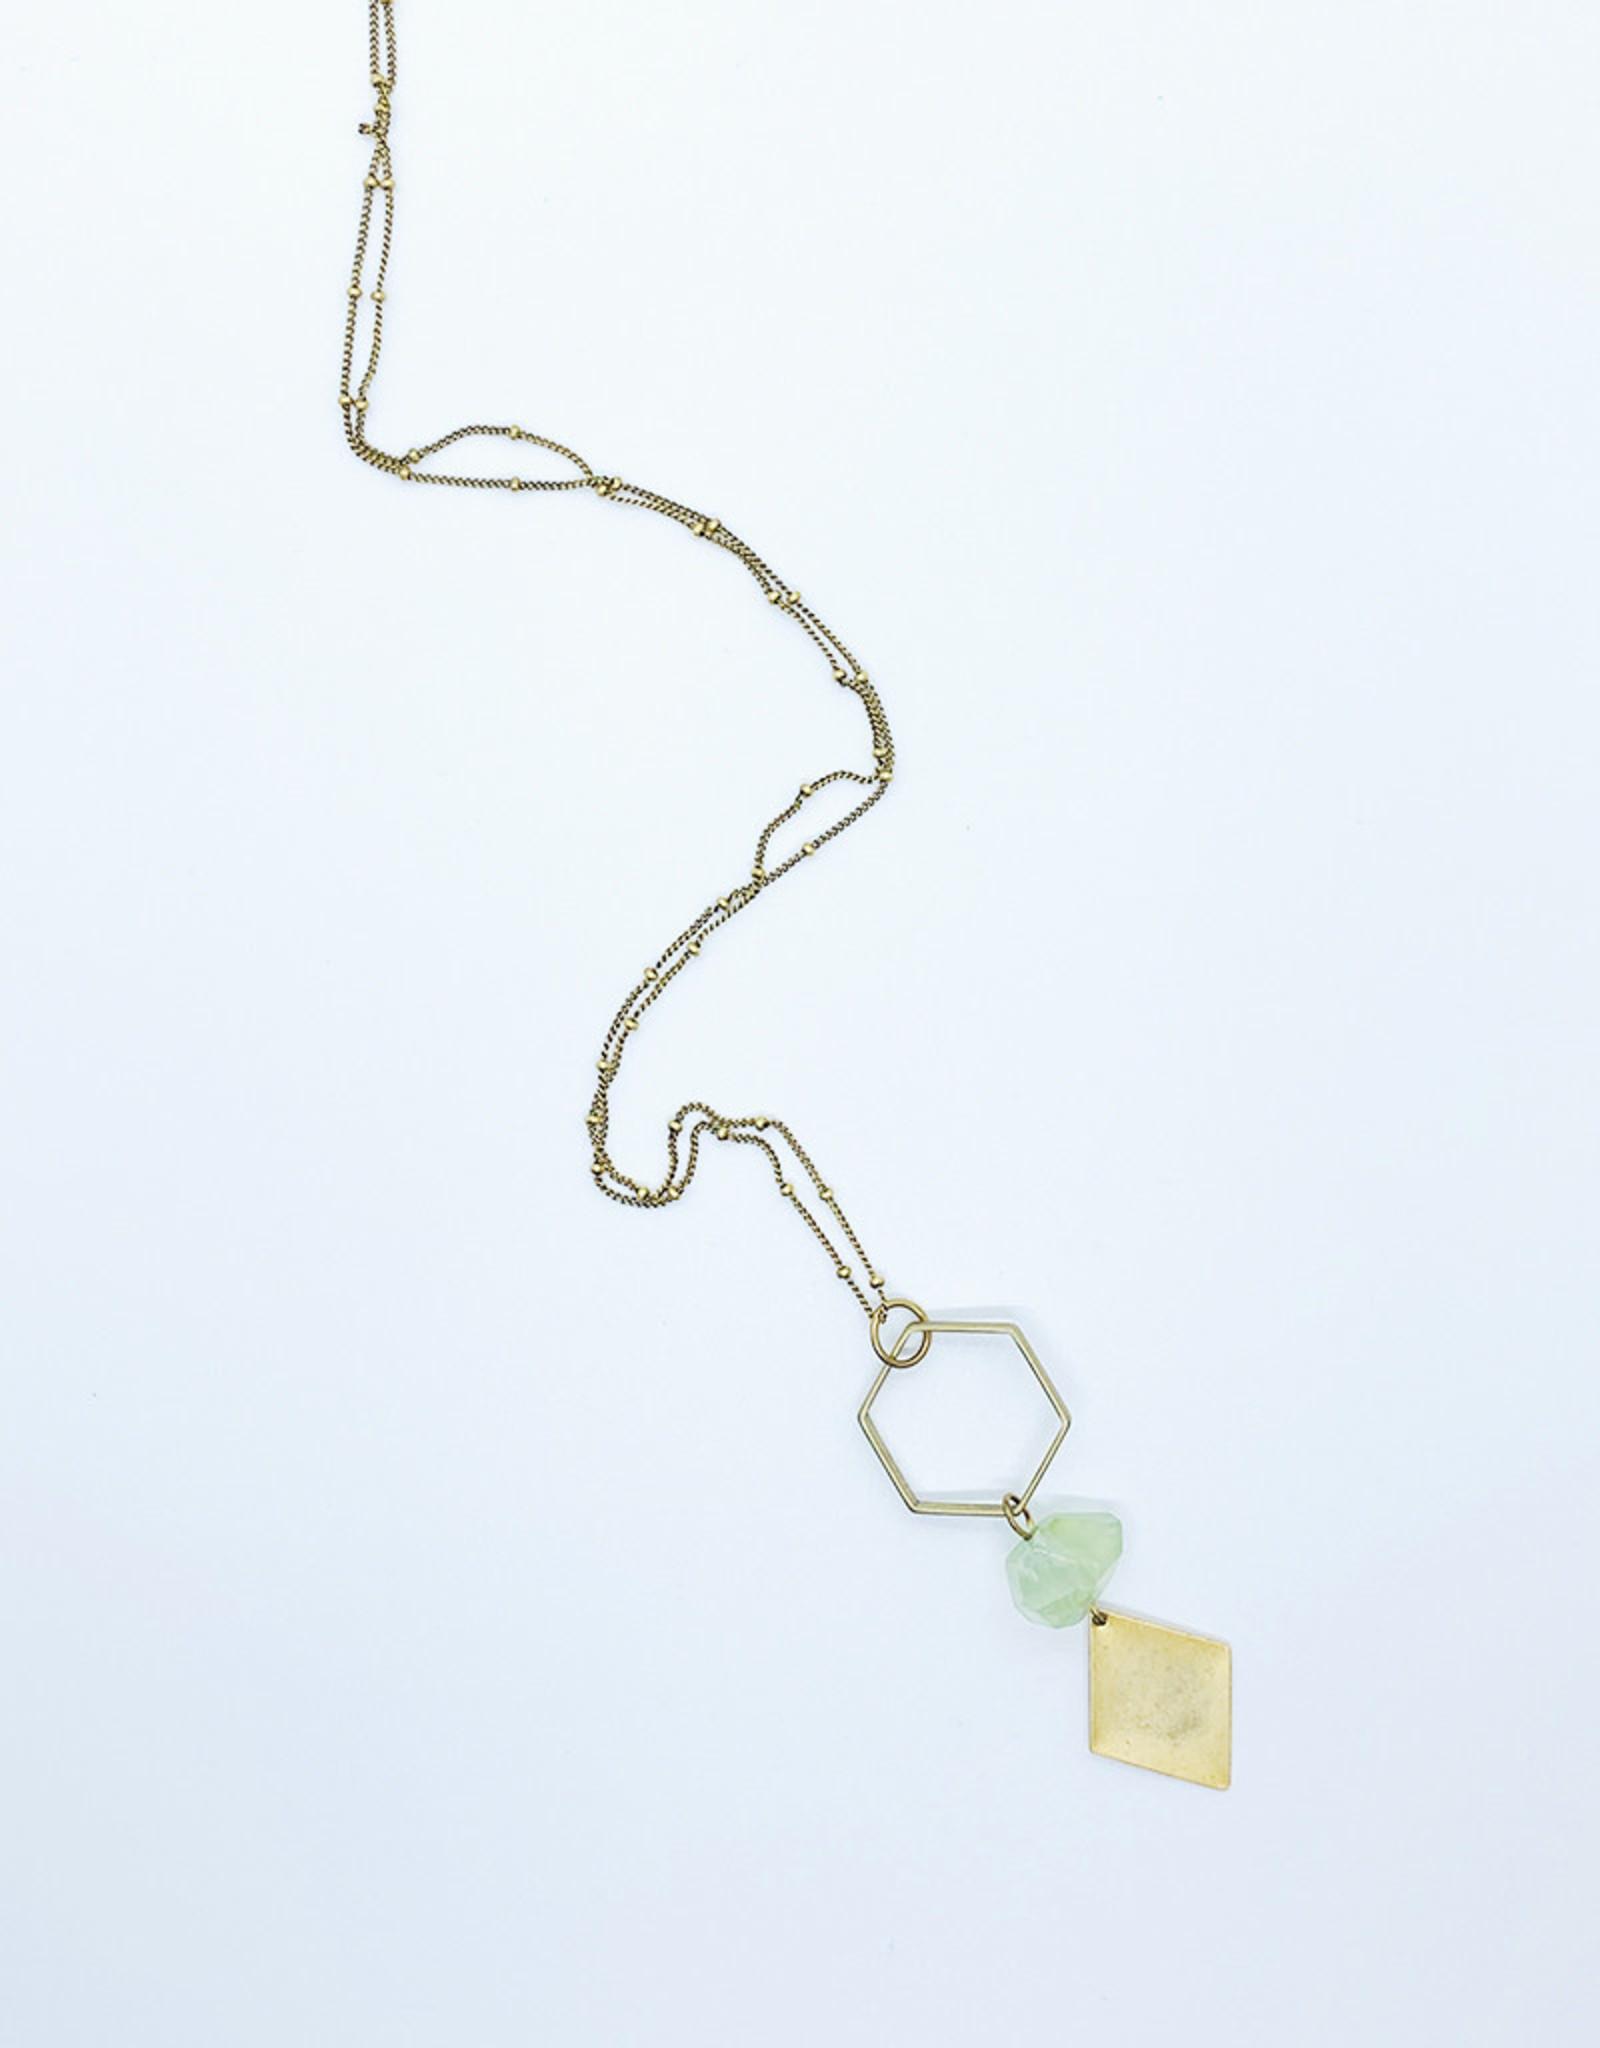 Tillydoro Hexagon + Green Amethyst Necklace // Tillydoro